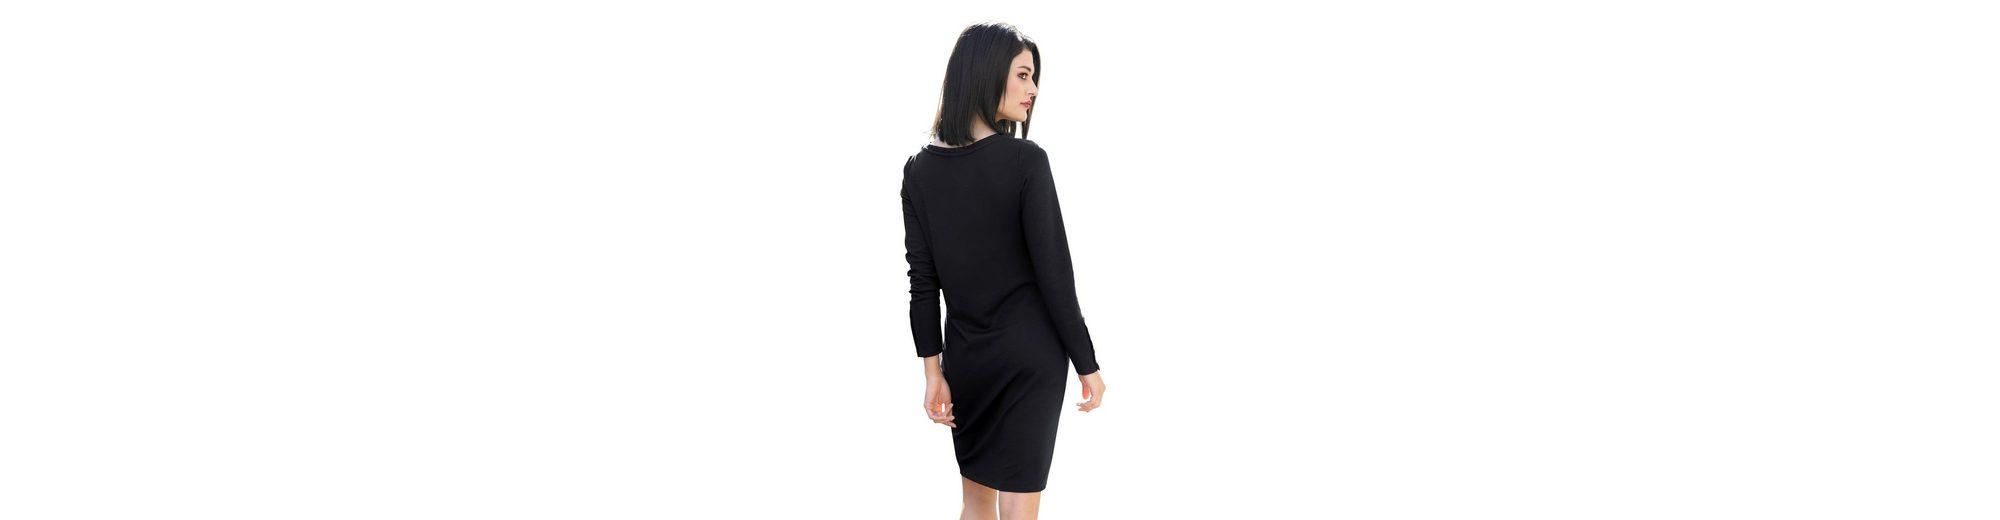 Sehr Billig Verkauf Online Bekommen Alba Moda Kleid mit goldfarbenen Schmuckknöpfen Geniue Händler Zum Verkauf Verkauf Authentisch Visa-Zahlung OM0VUL